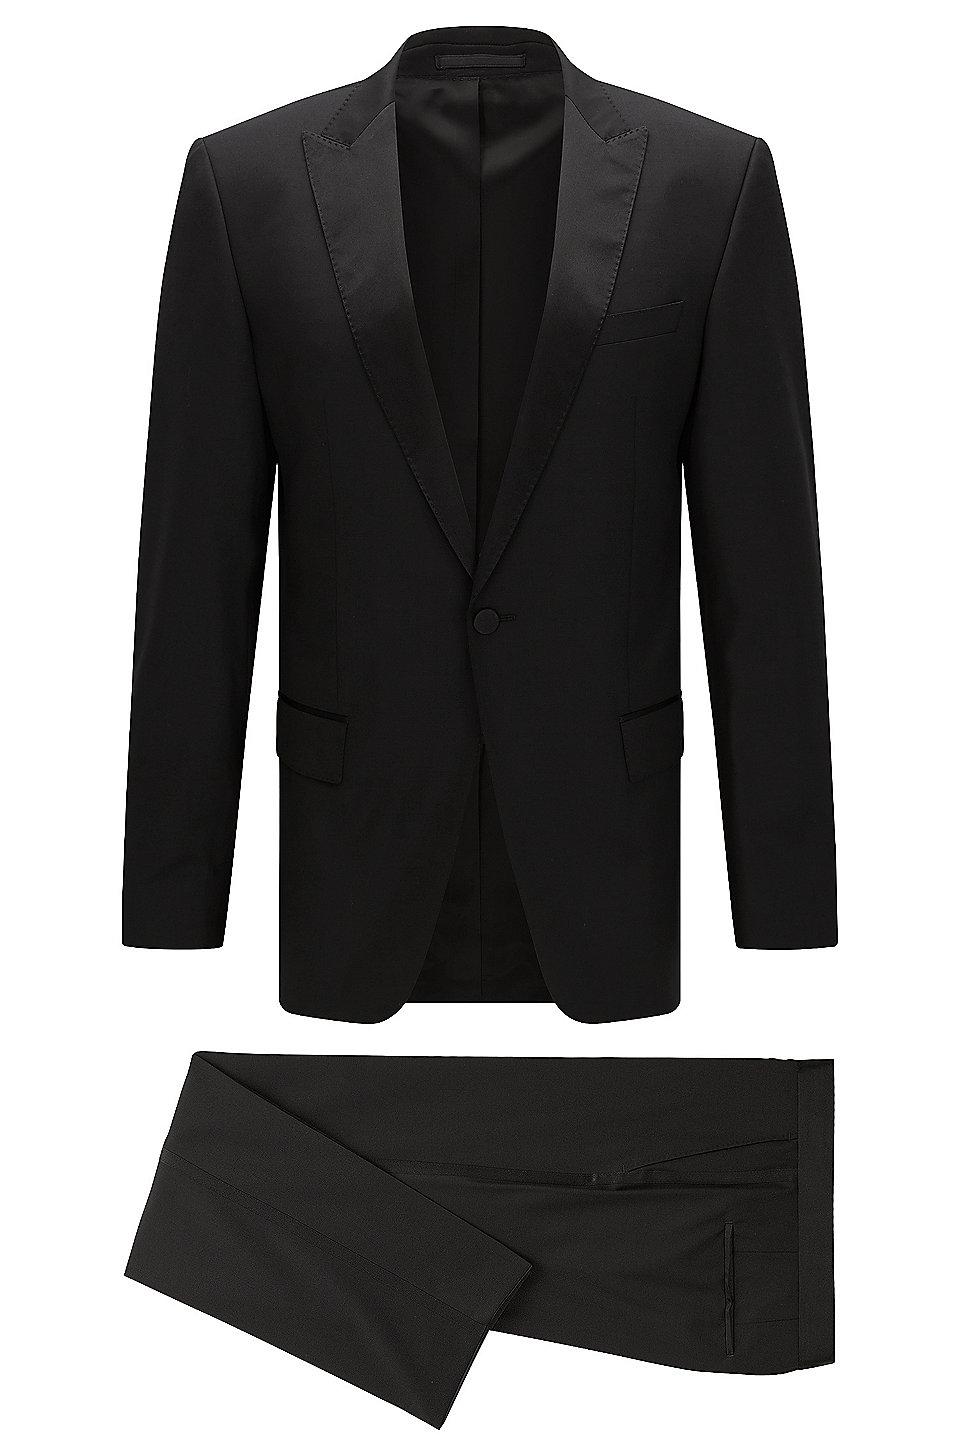 Men\'s Tuxedos & Formalwear | Tuxedos for Men | HUGO BOSS®